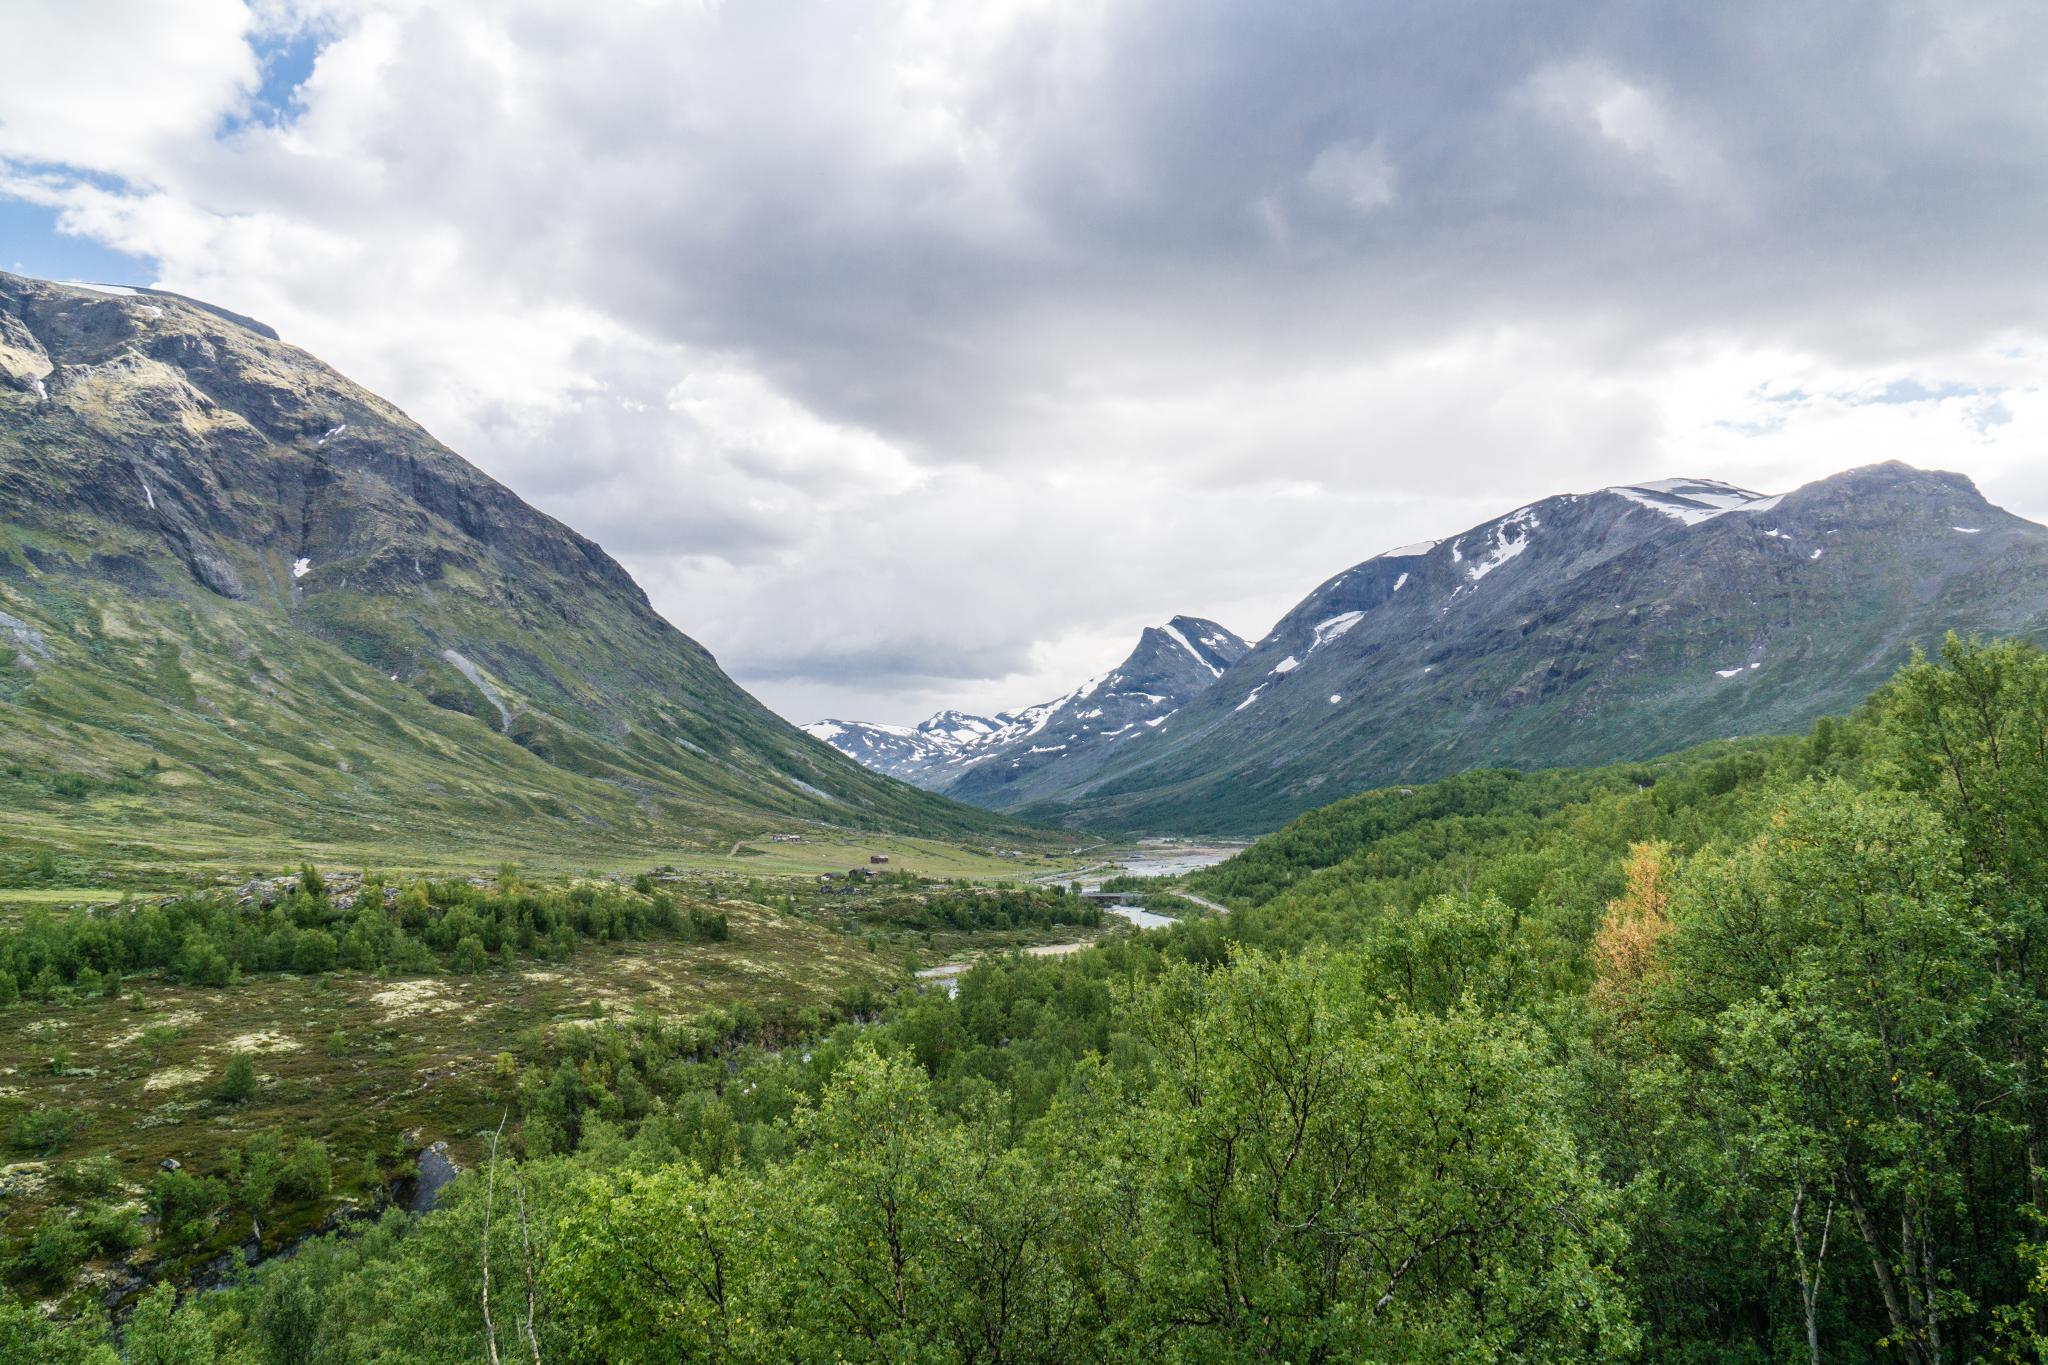 【北歐景點】穿越挪威的屋脊 - 前進北歐最美的冰原景觀公路 Fv55松恩山路 (Sognefjellet) 19